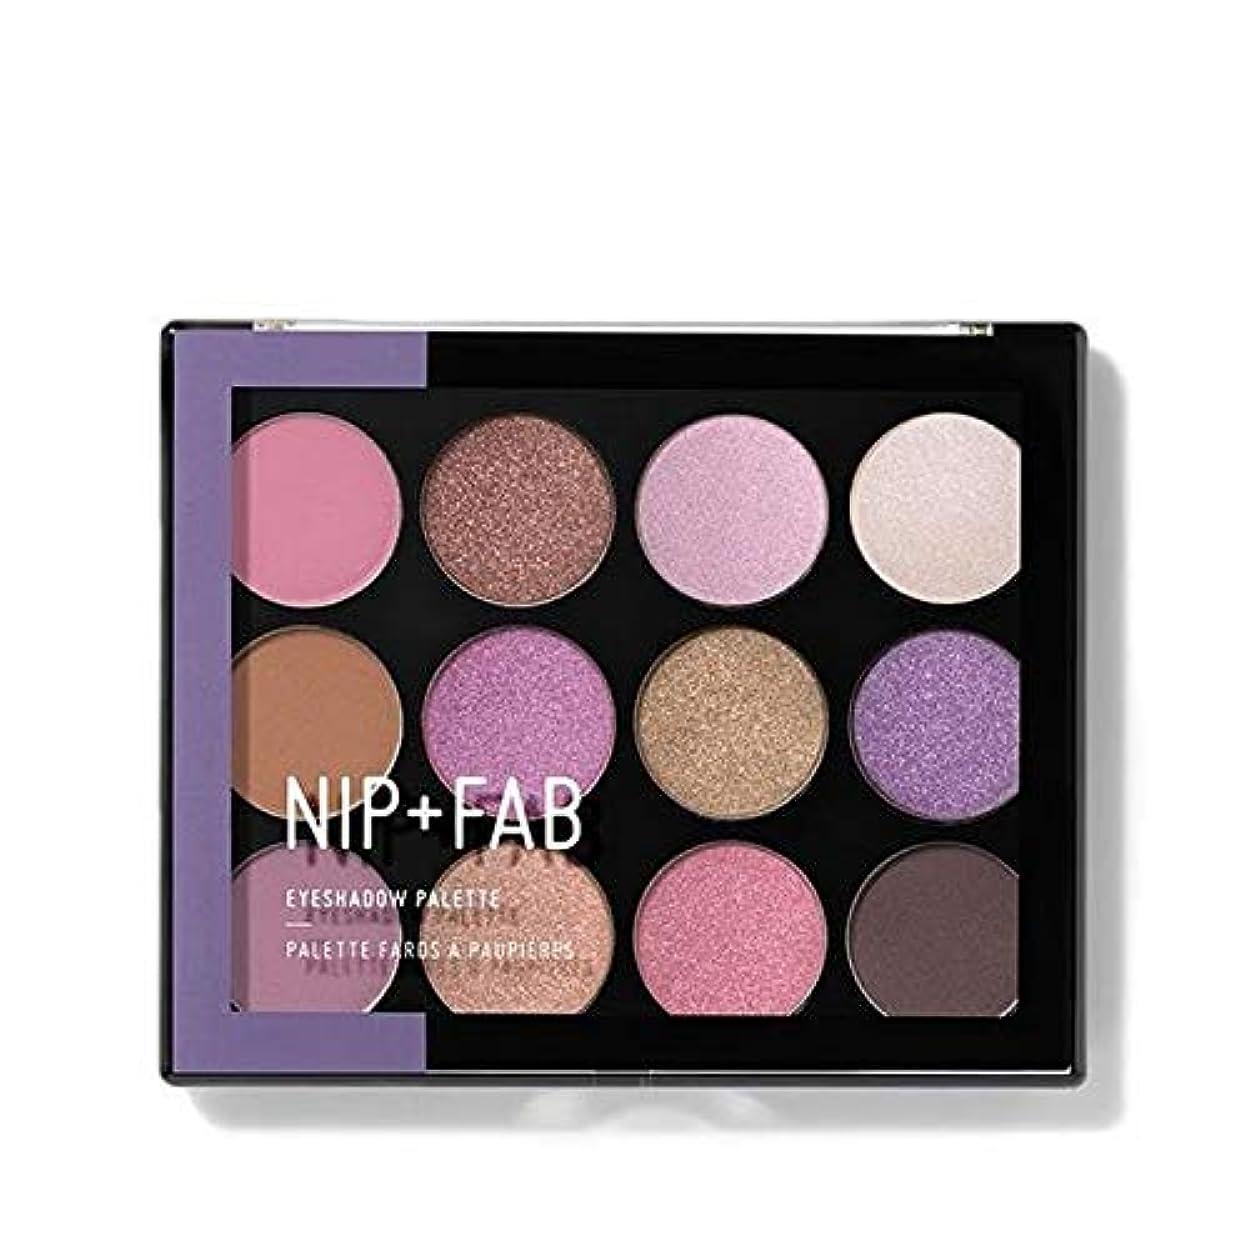 平和な販売計画理解する[Nip & Fab ] アイシャドウパレット5を構成するFab +ニップ - NIP+FAB Make Up Eyeshadow Palette 5 [並行輸入品]